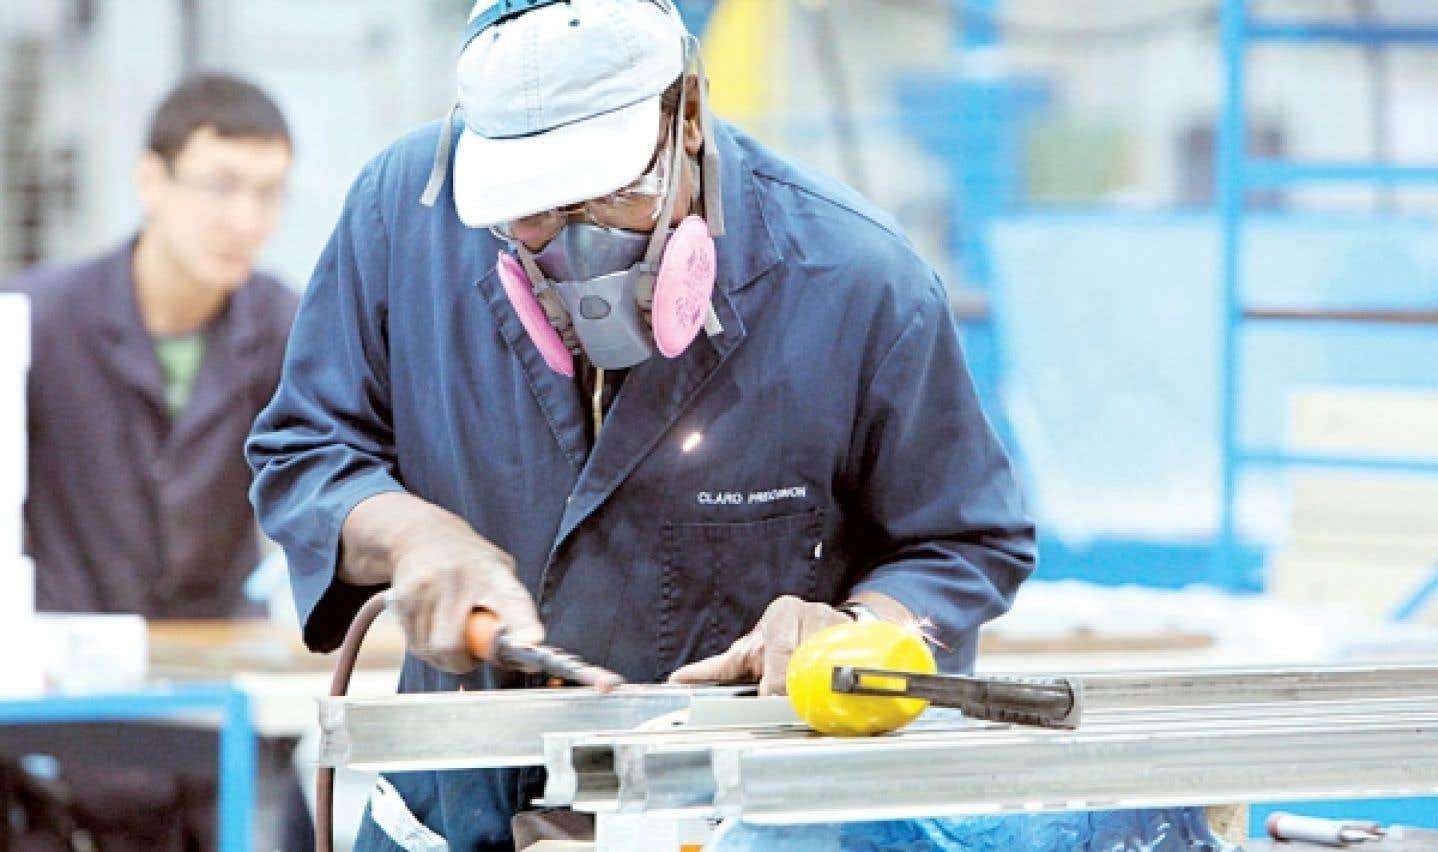 Peu importe le secteur dans lequel elles œuvrent, les entreprises québécoises peuvent faire appel au programme AERE pour relancer leurs activités par le biais de la formation de leurs employés.